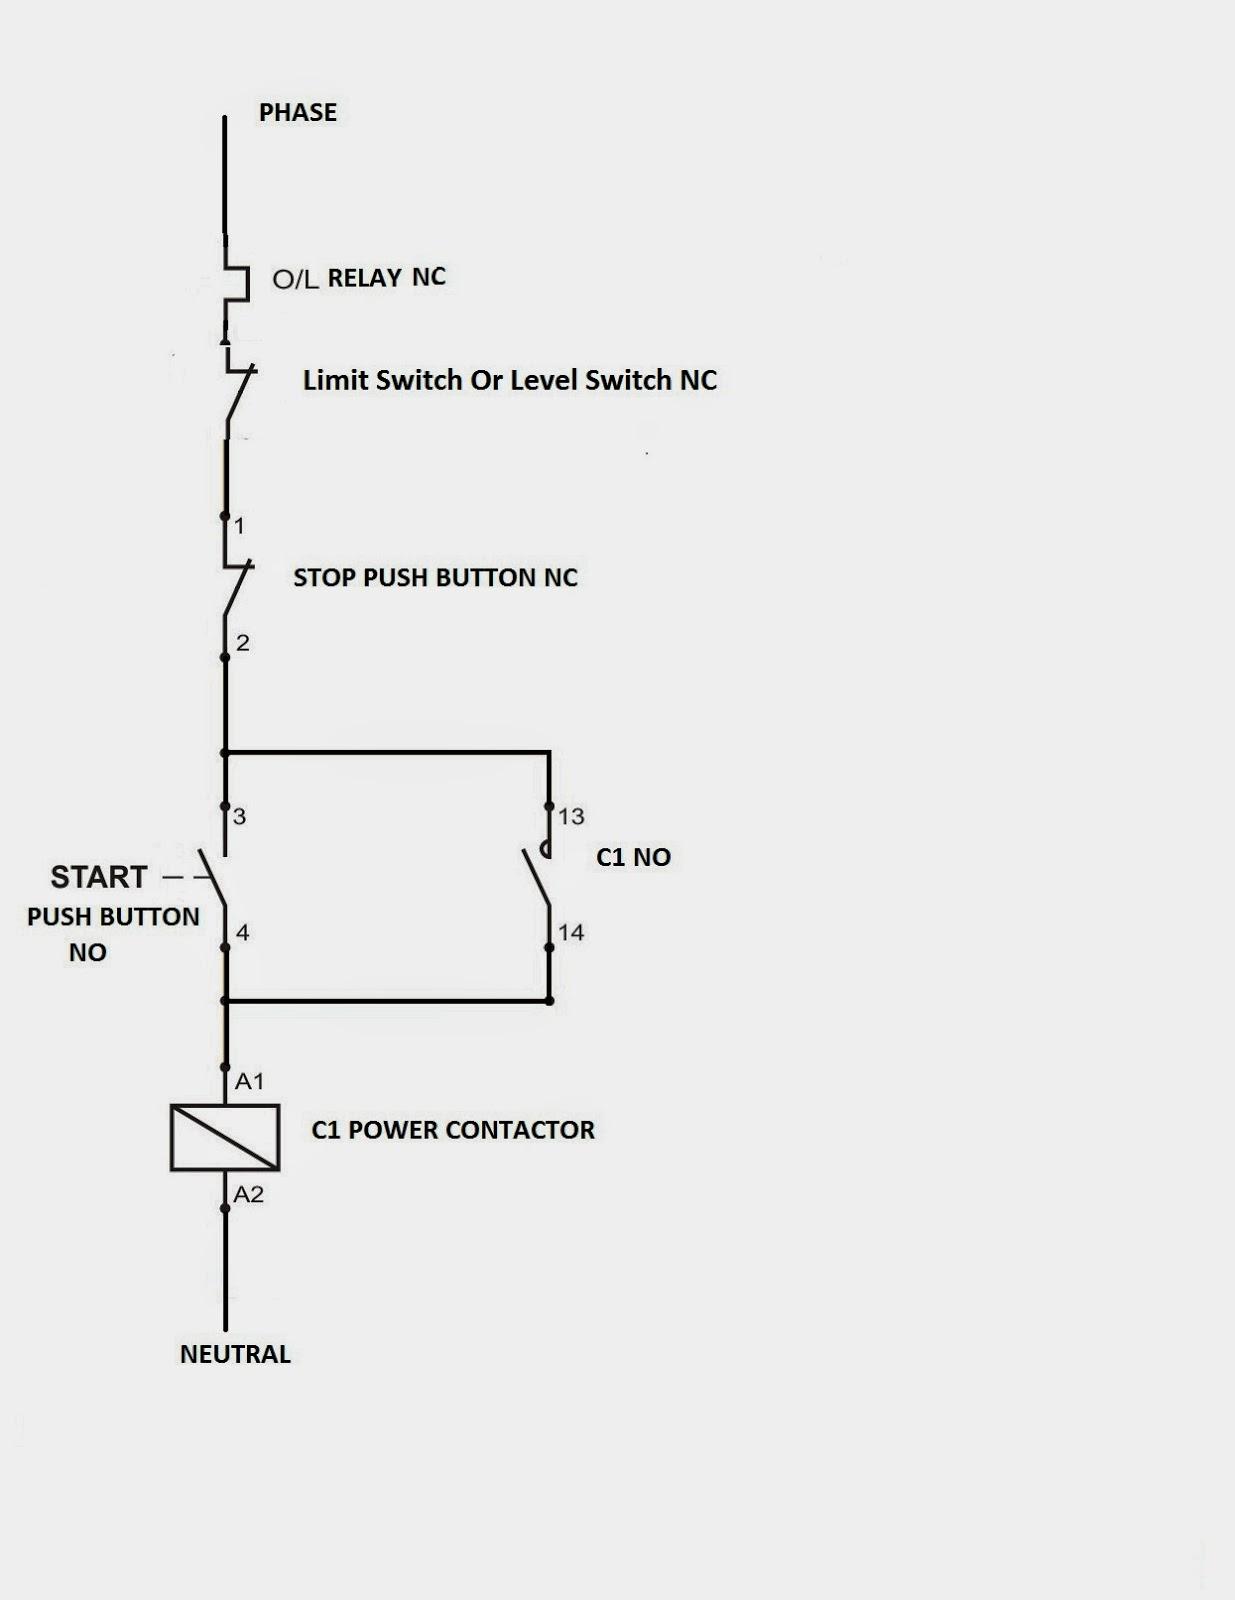 Hp Laptop Power Supply Wiring Diagram : laptop, power, supply, wiring, diagram, Supply, Diagram, Power, Wiring, Ap15pc52